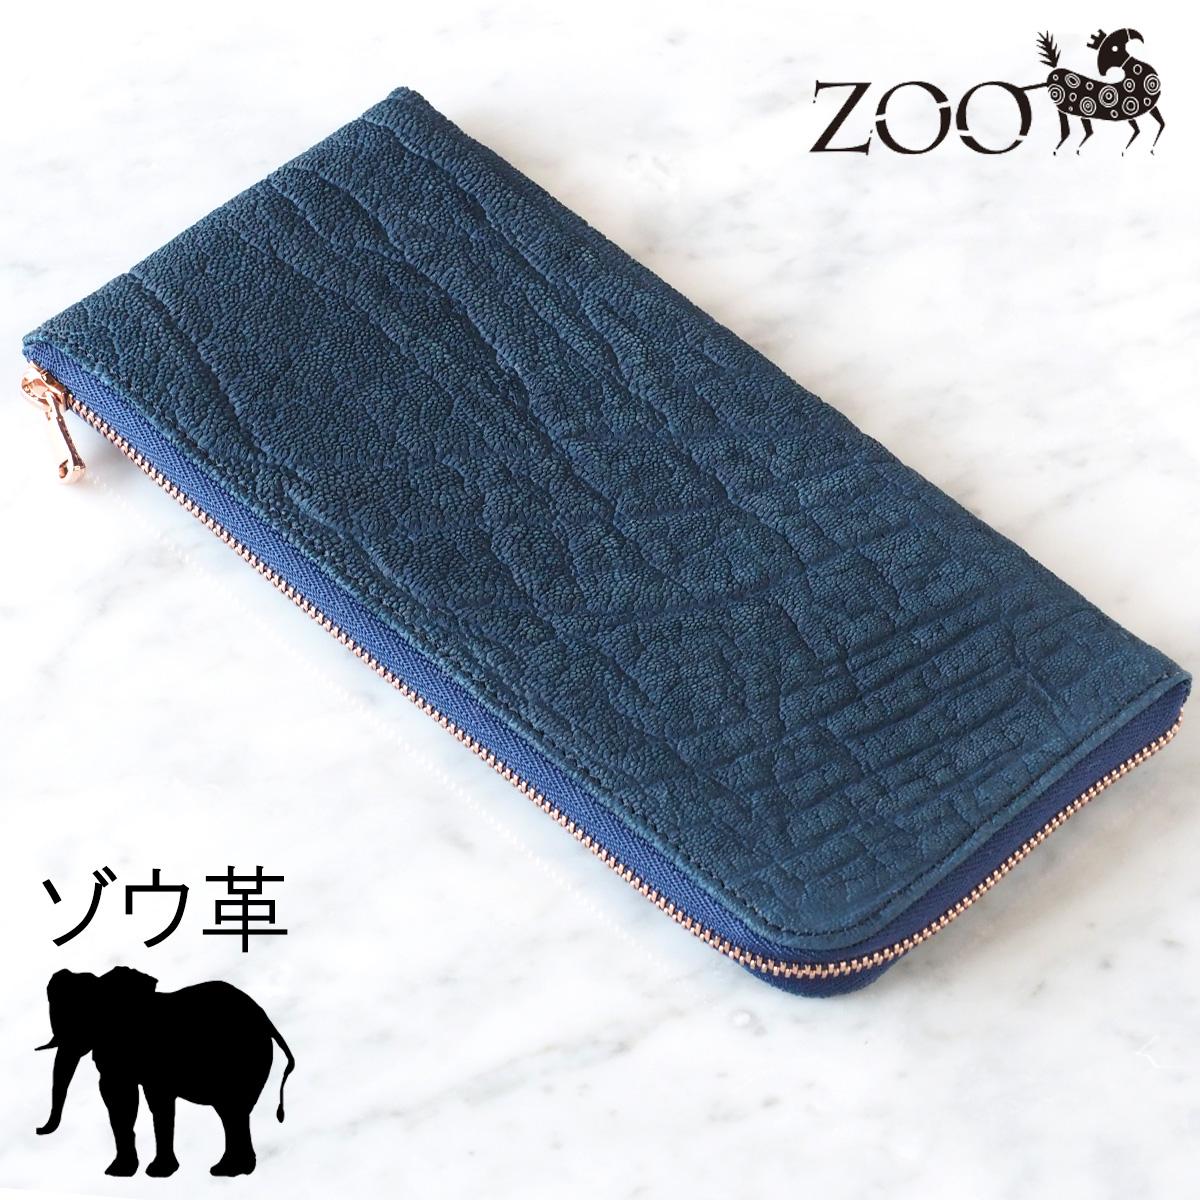 ZOO(ズー) 象革 ゼブラウォレット8 L字ファスナー 長財布 ネイビー [Z-ZLW-102-NV] 革財布 革製品 革小物